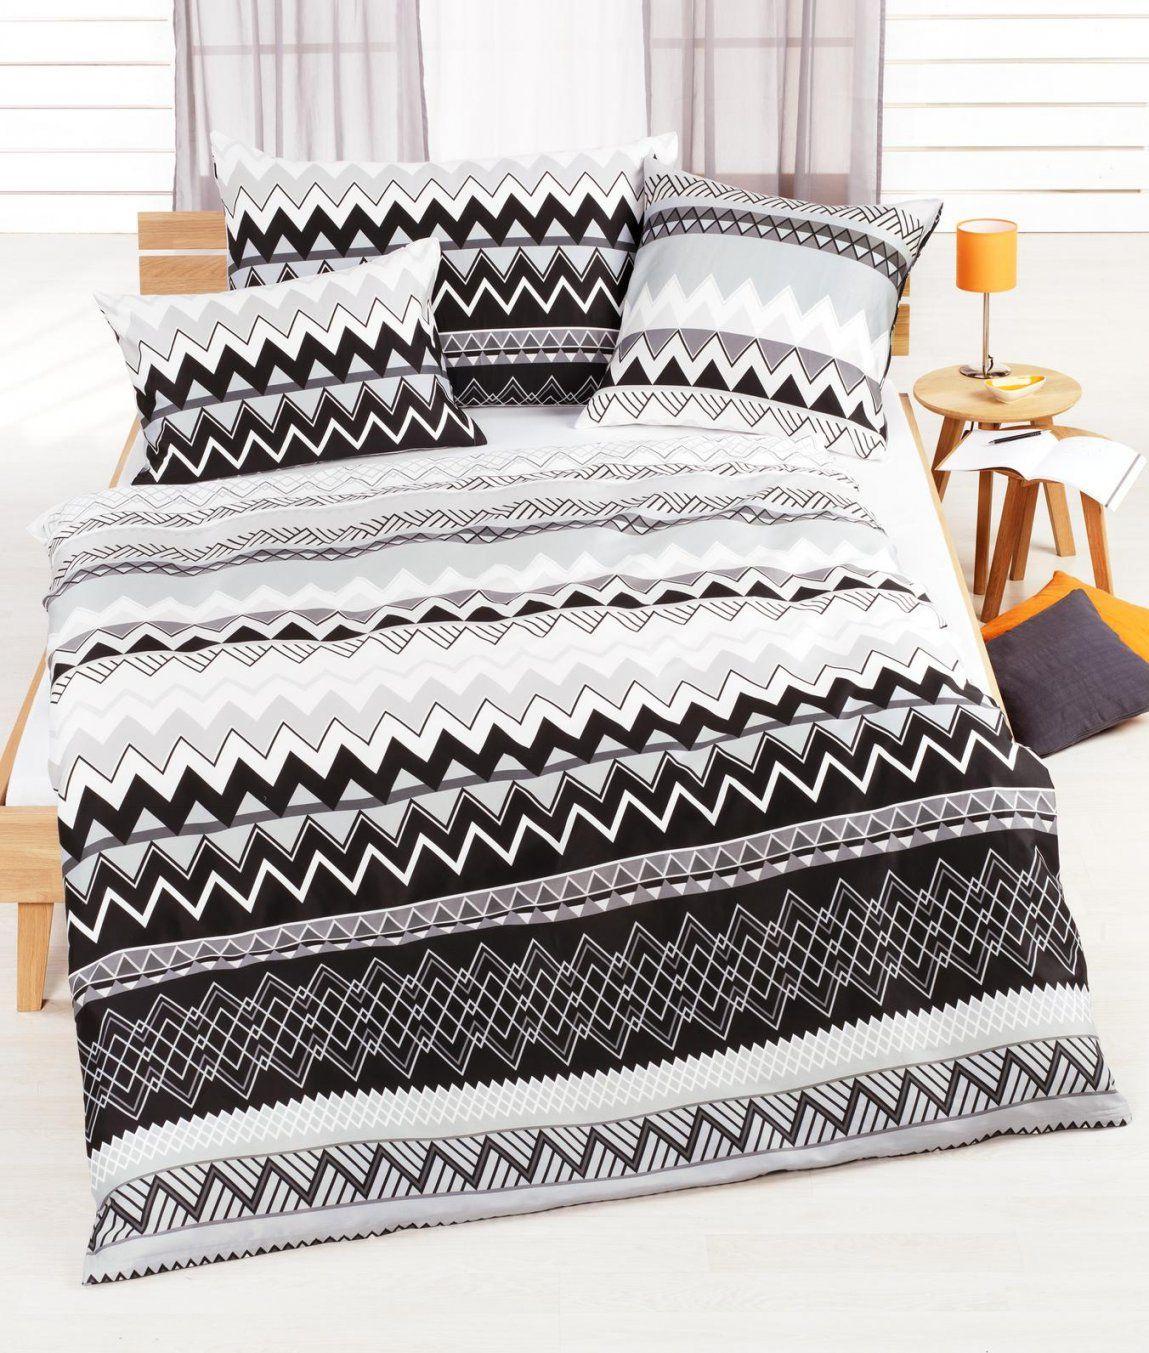 Satinbettwäsche Inka Kaufen  Angela Bruderer Onlineshop von Bettwäsche 2X2 Meter Bild